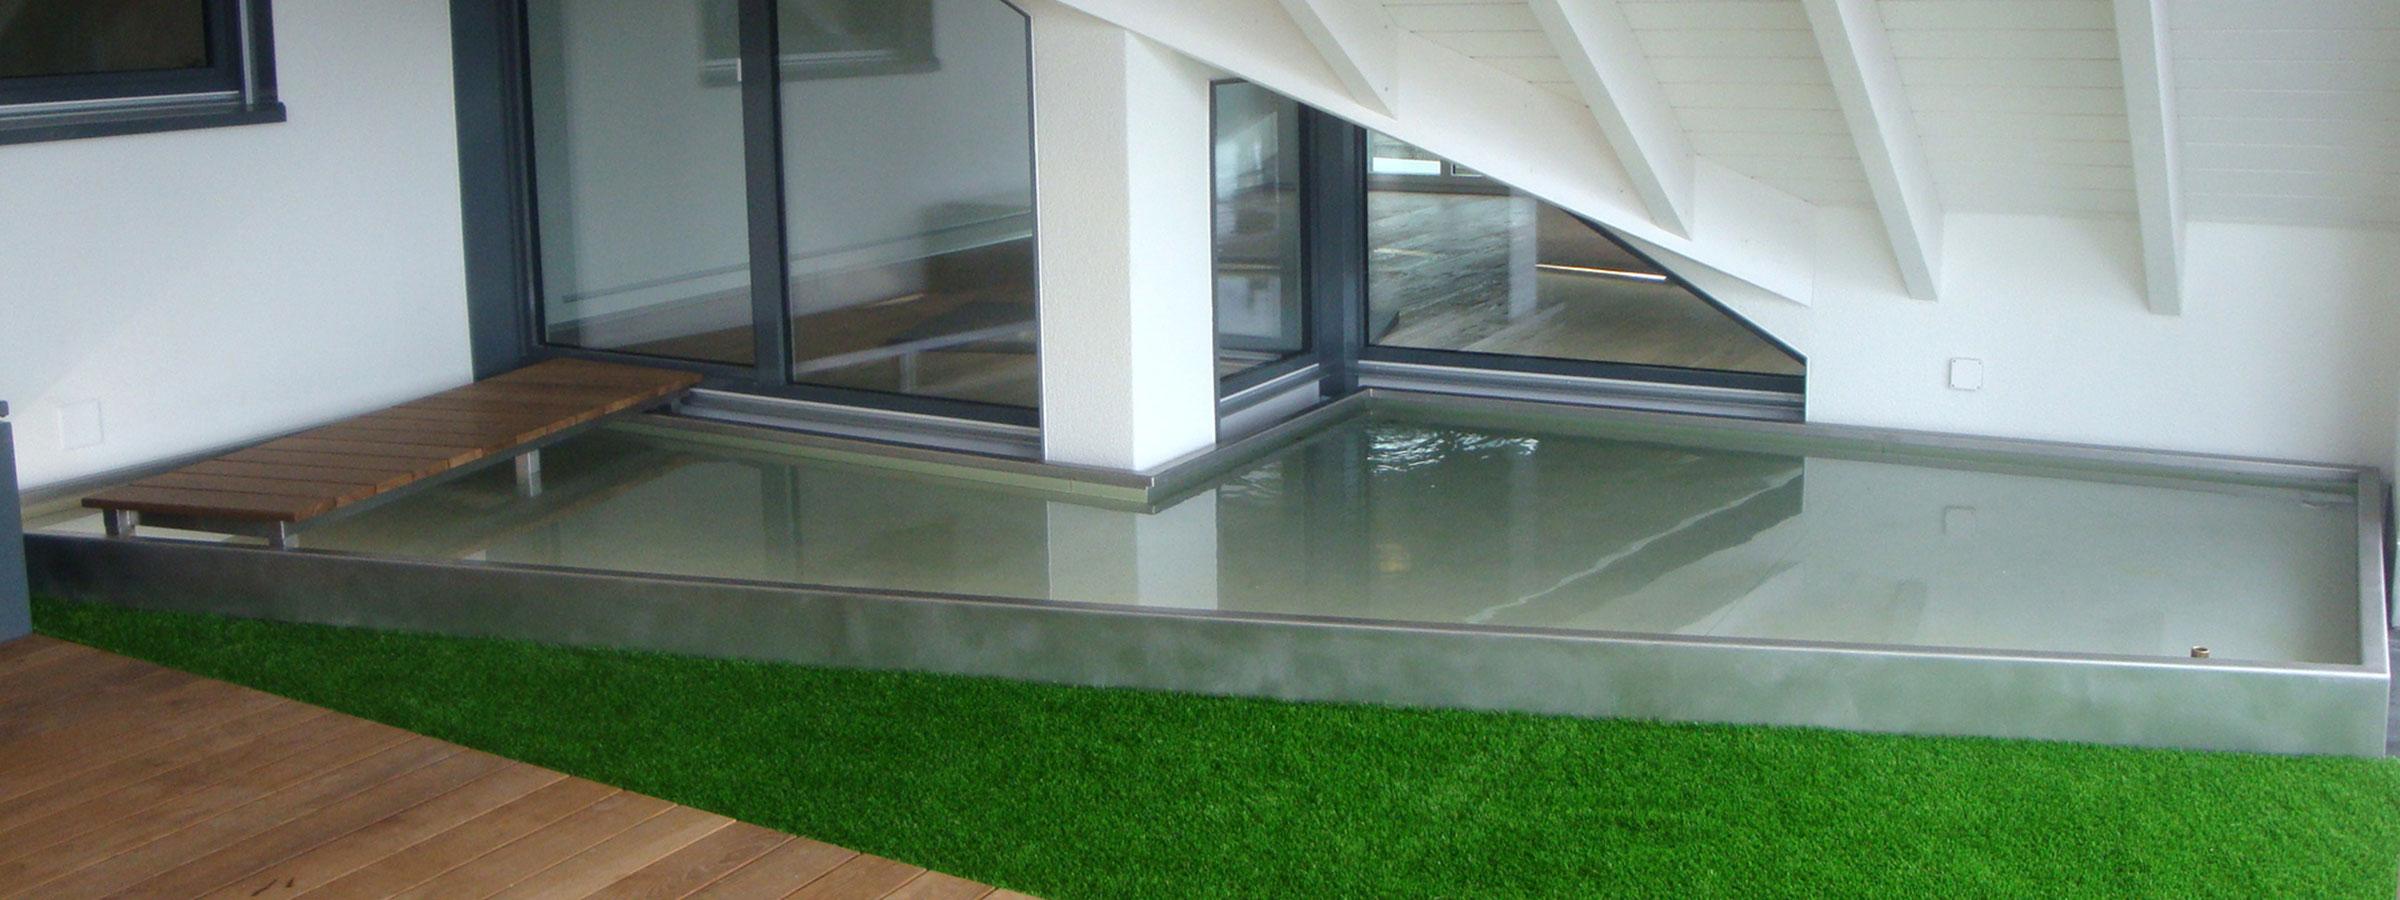 wasserspiel balkon swalif. Black Bedroom Furniture Sets. Home Design Ideas